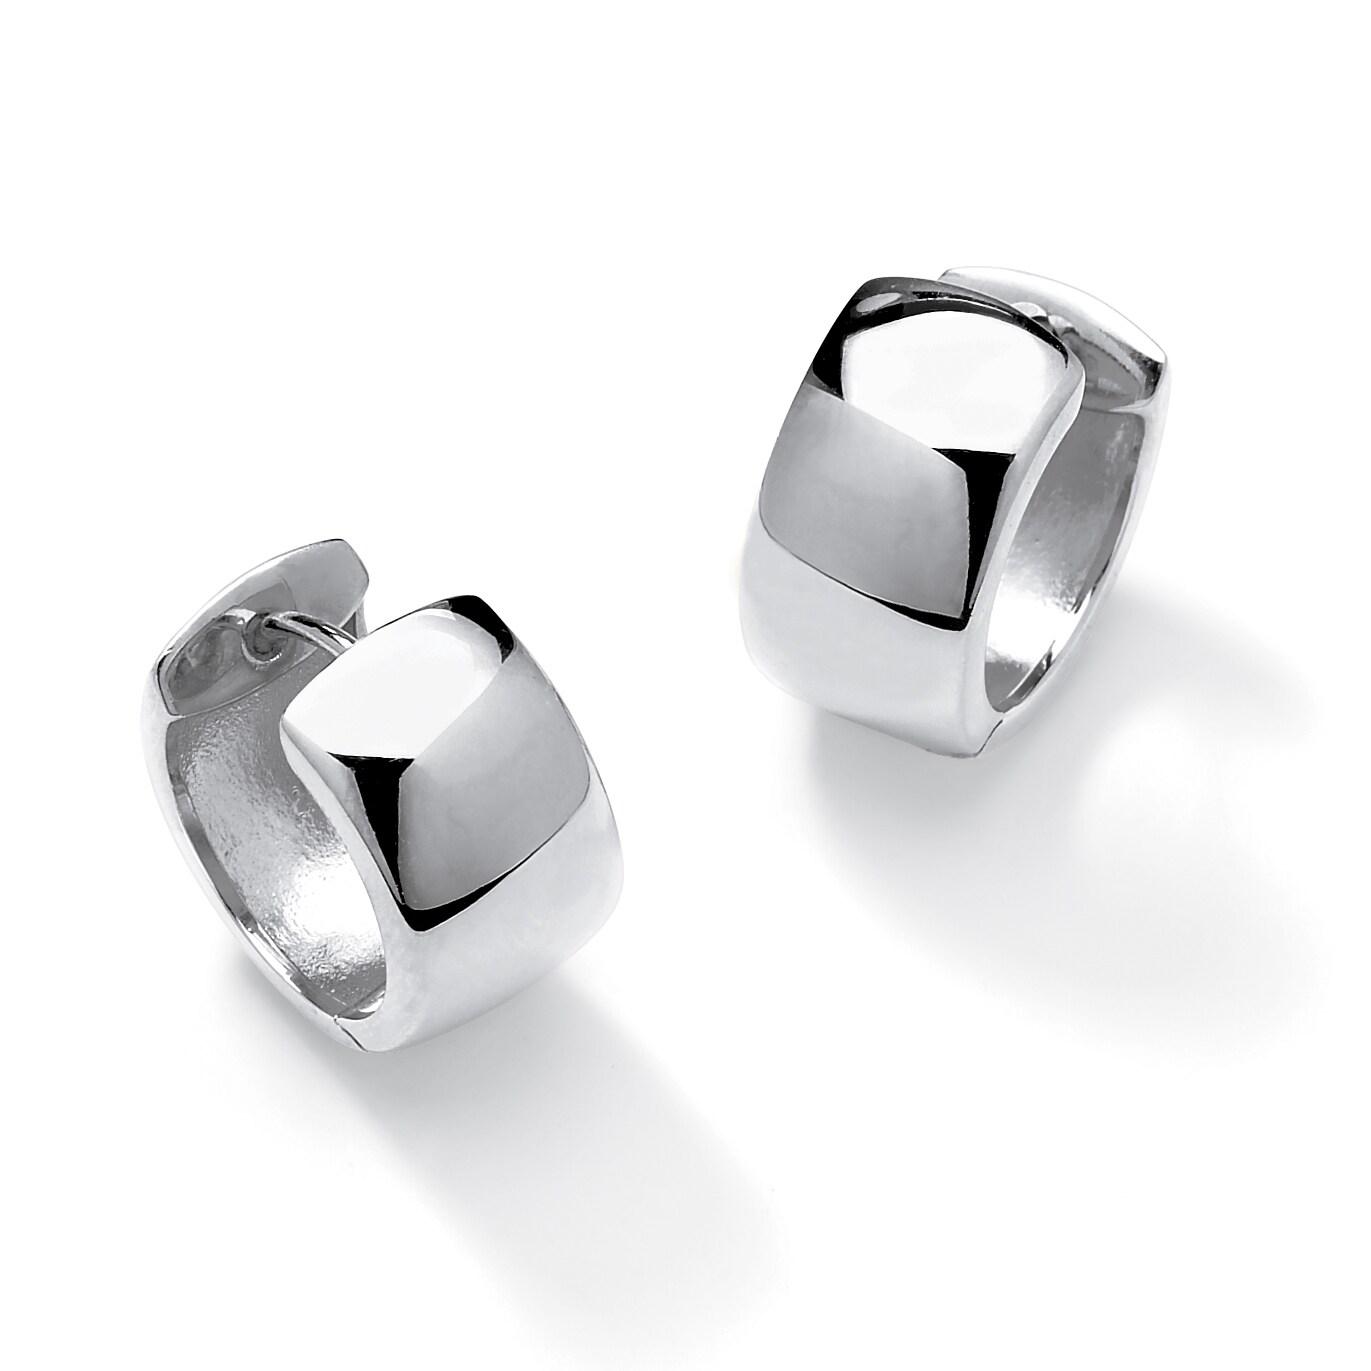 Silver Hoop Leverback Earrings Steel Earring Round 1,2x40mm 2 pcs 1 Pair